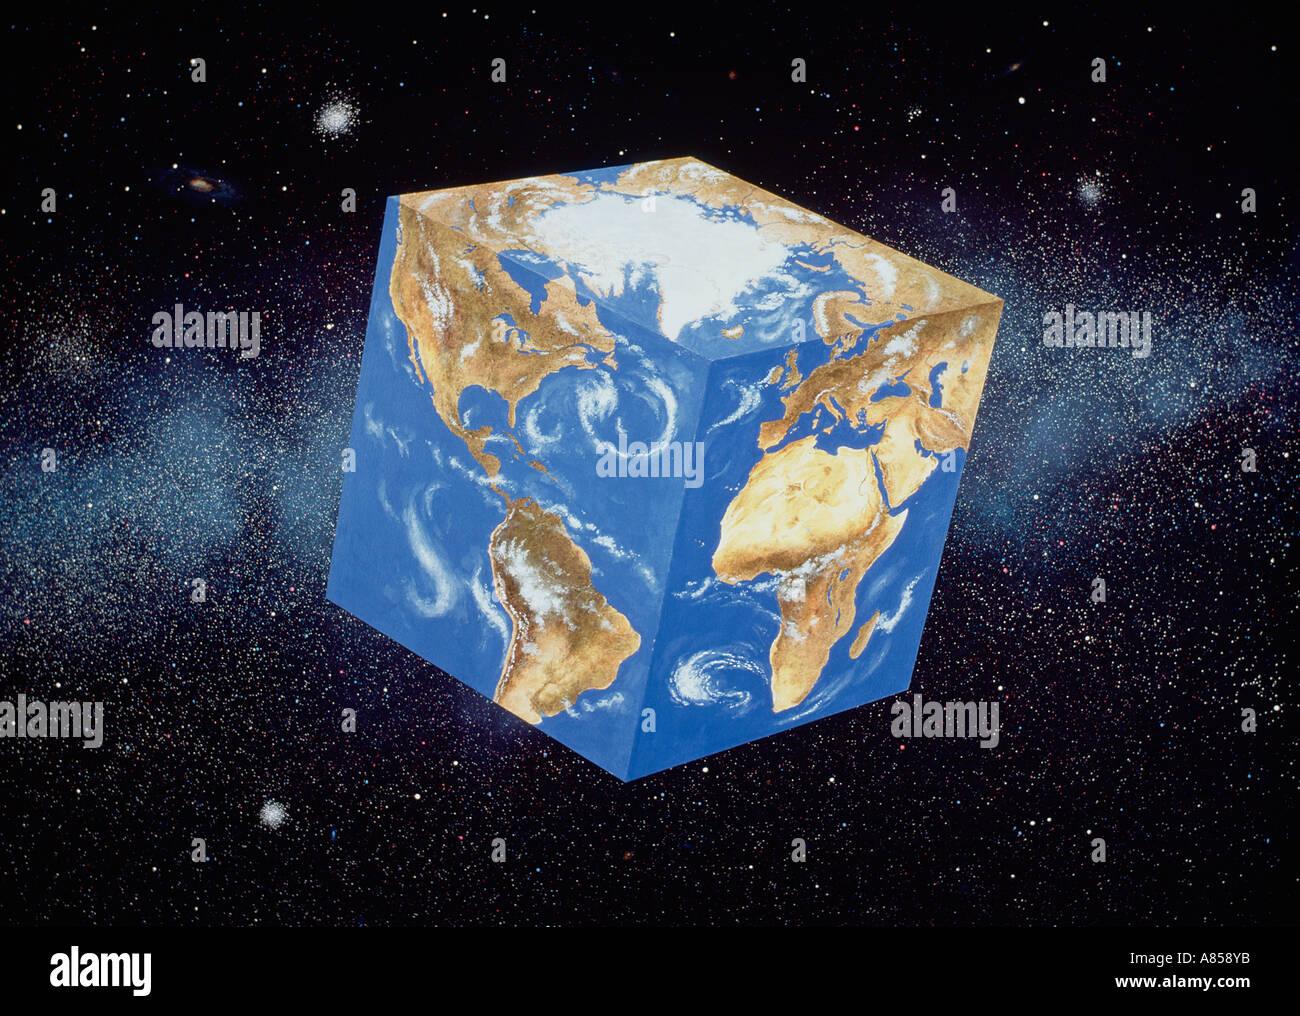 Curieuse conception image de la planète Terre à partir de l'espace cubique Photo Stock